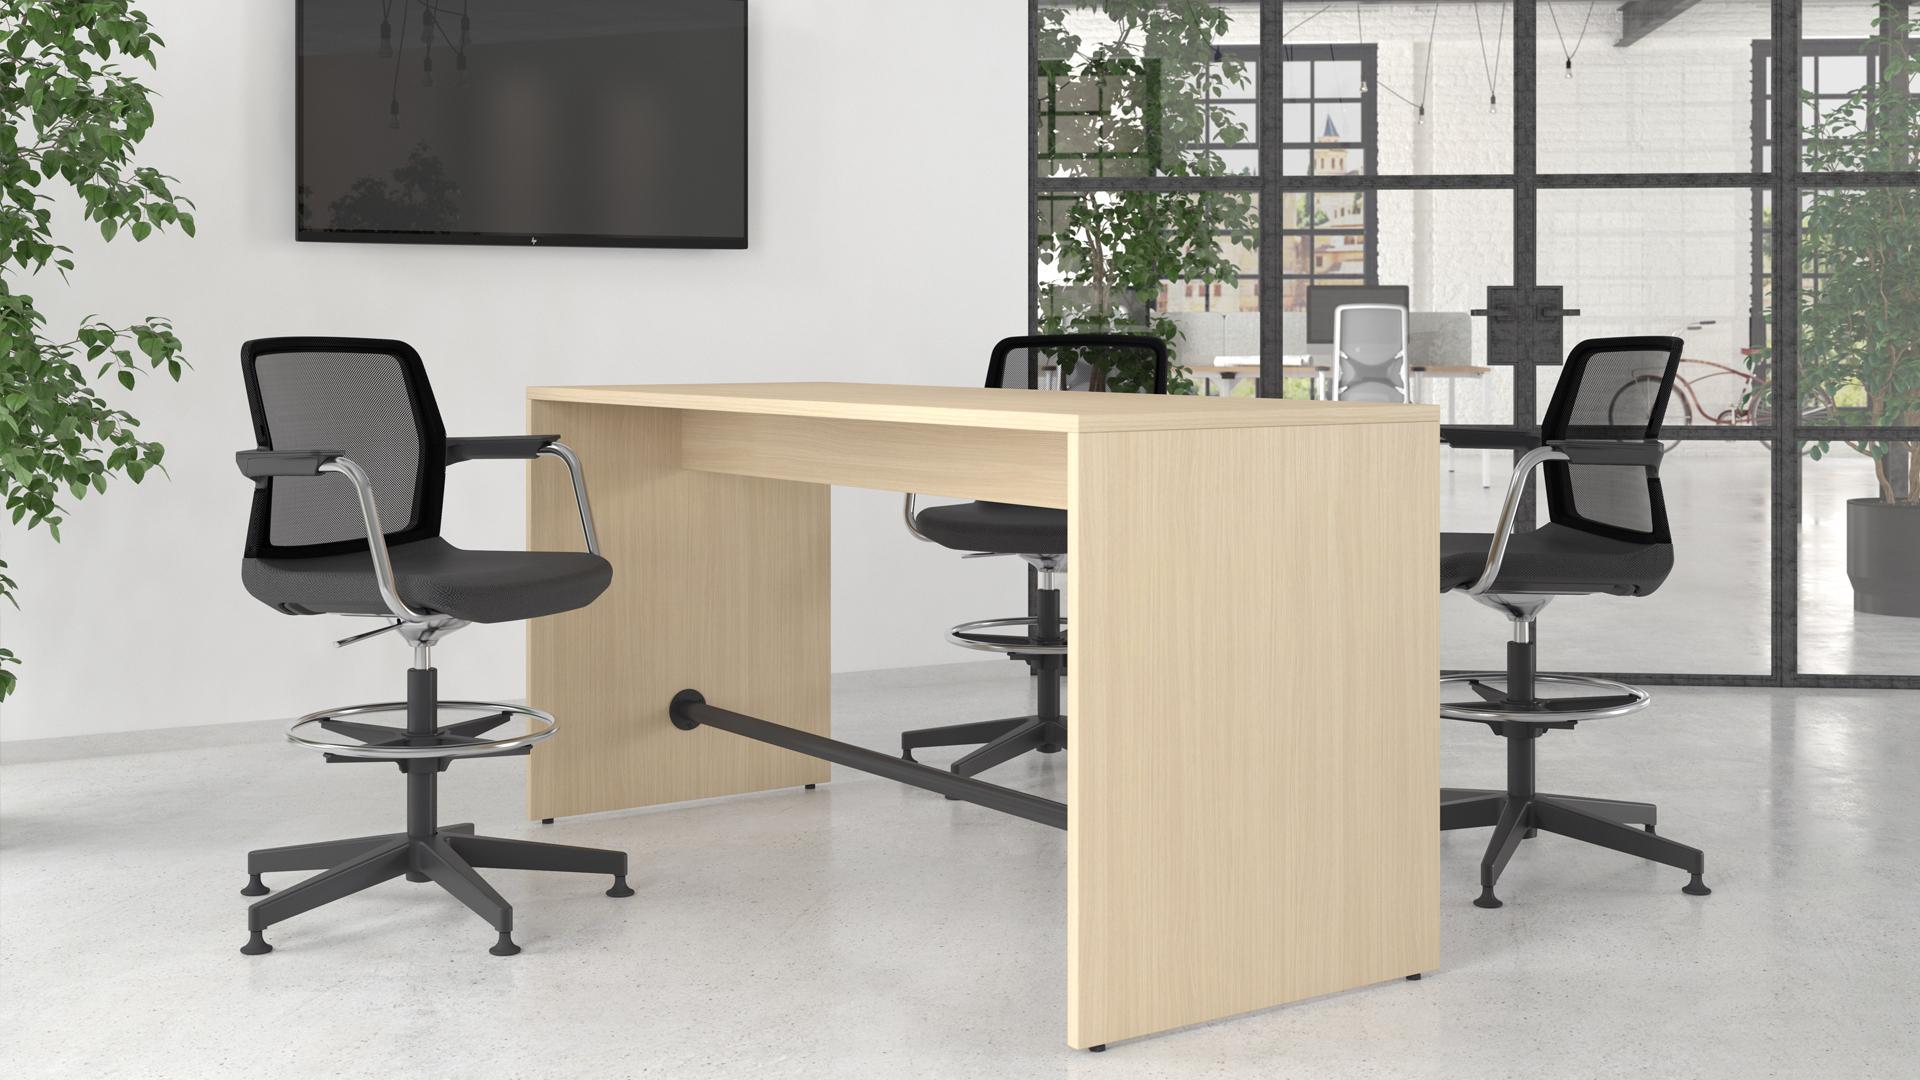 Light augstais galds atpūtas telpām ar augsto apmeklētāju krēslu WIND